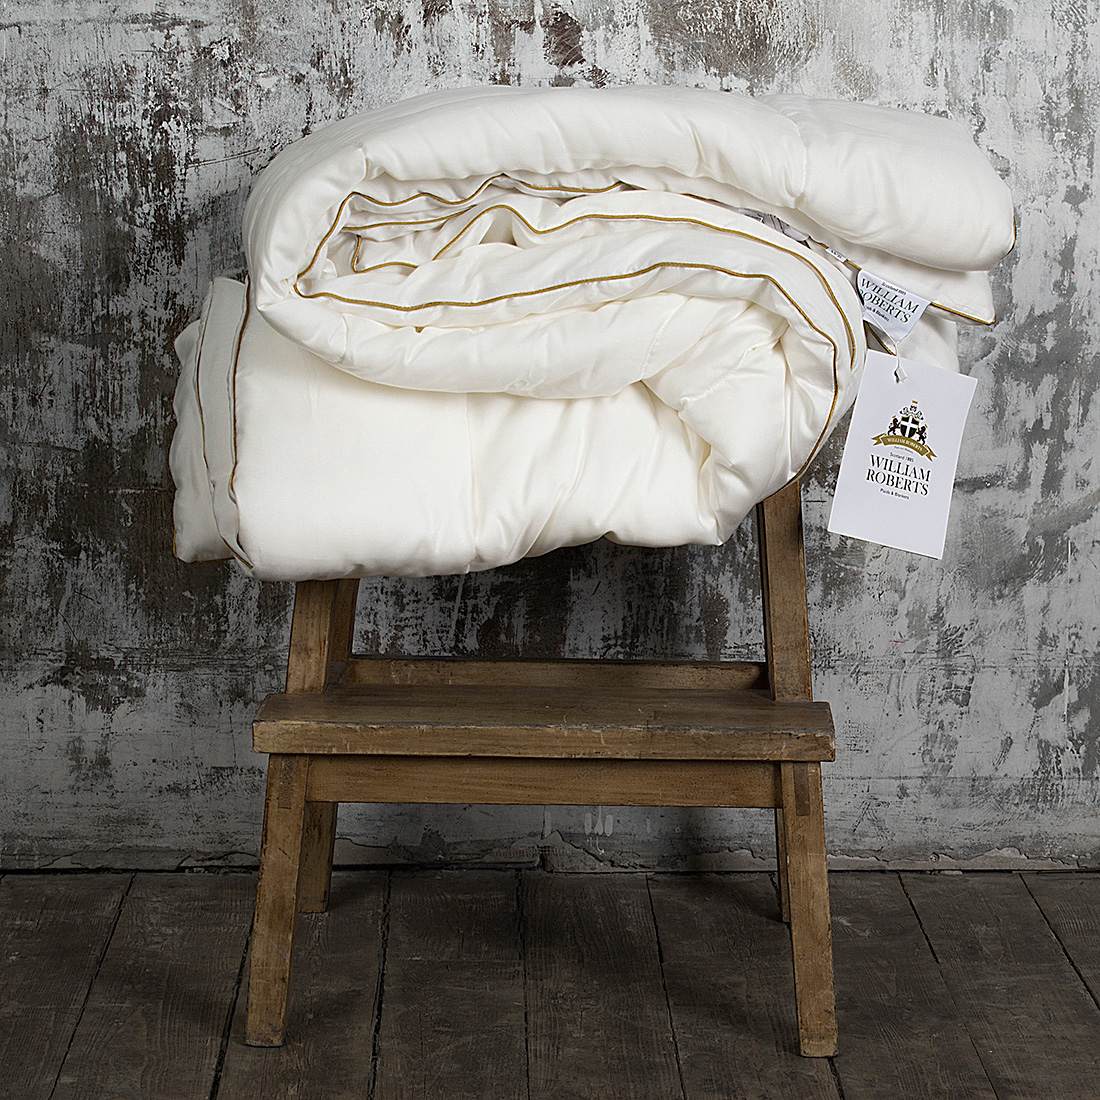 Одеяла William Roberts Одеяло Sensual Tencel Всесезонное (200х220 см) одеяла william roberts одеяло essential bamboo всесезонное 155х200 см